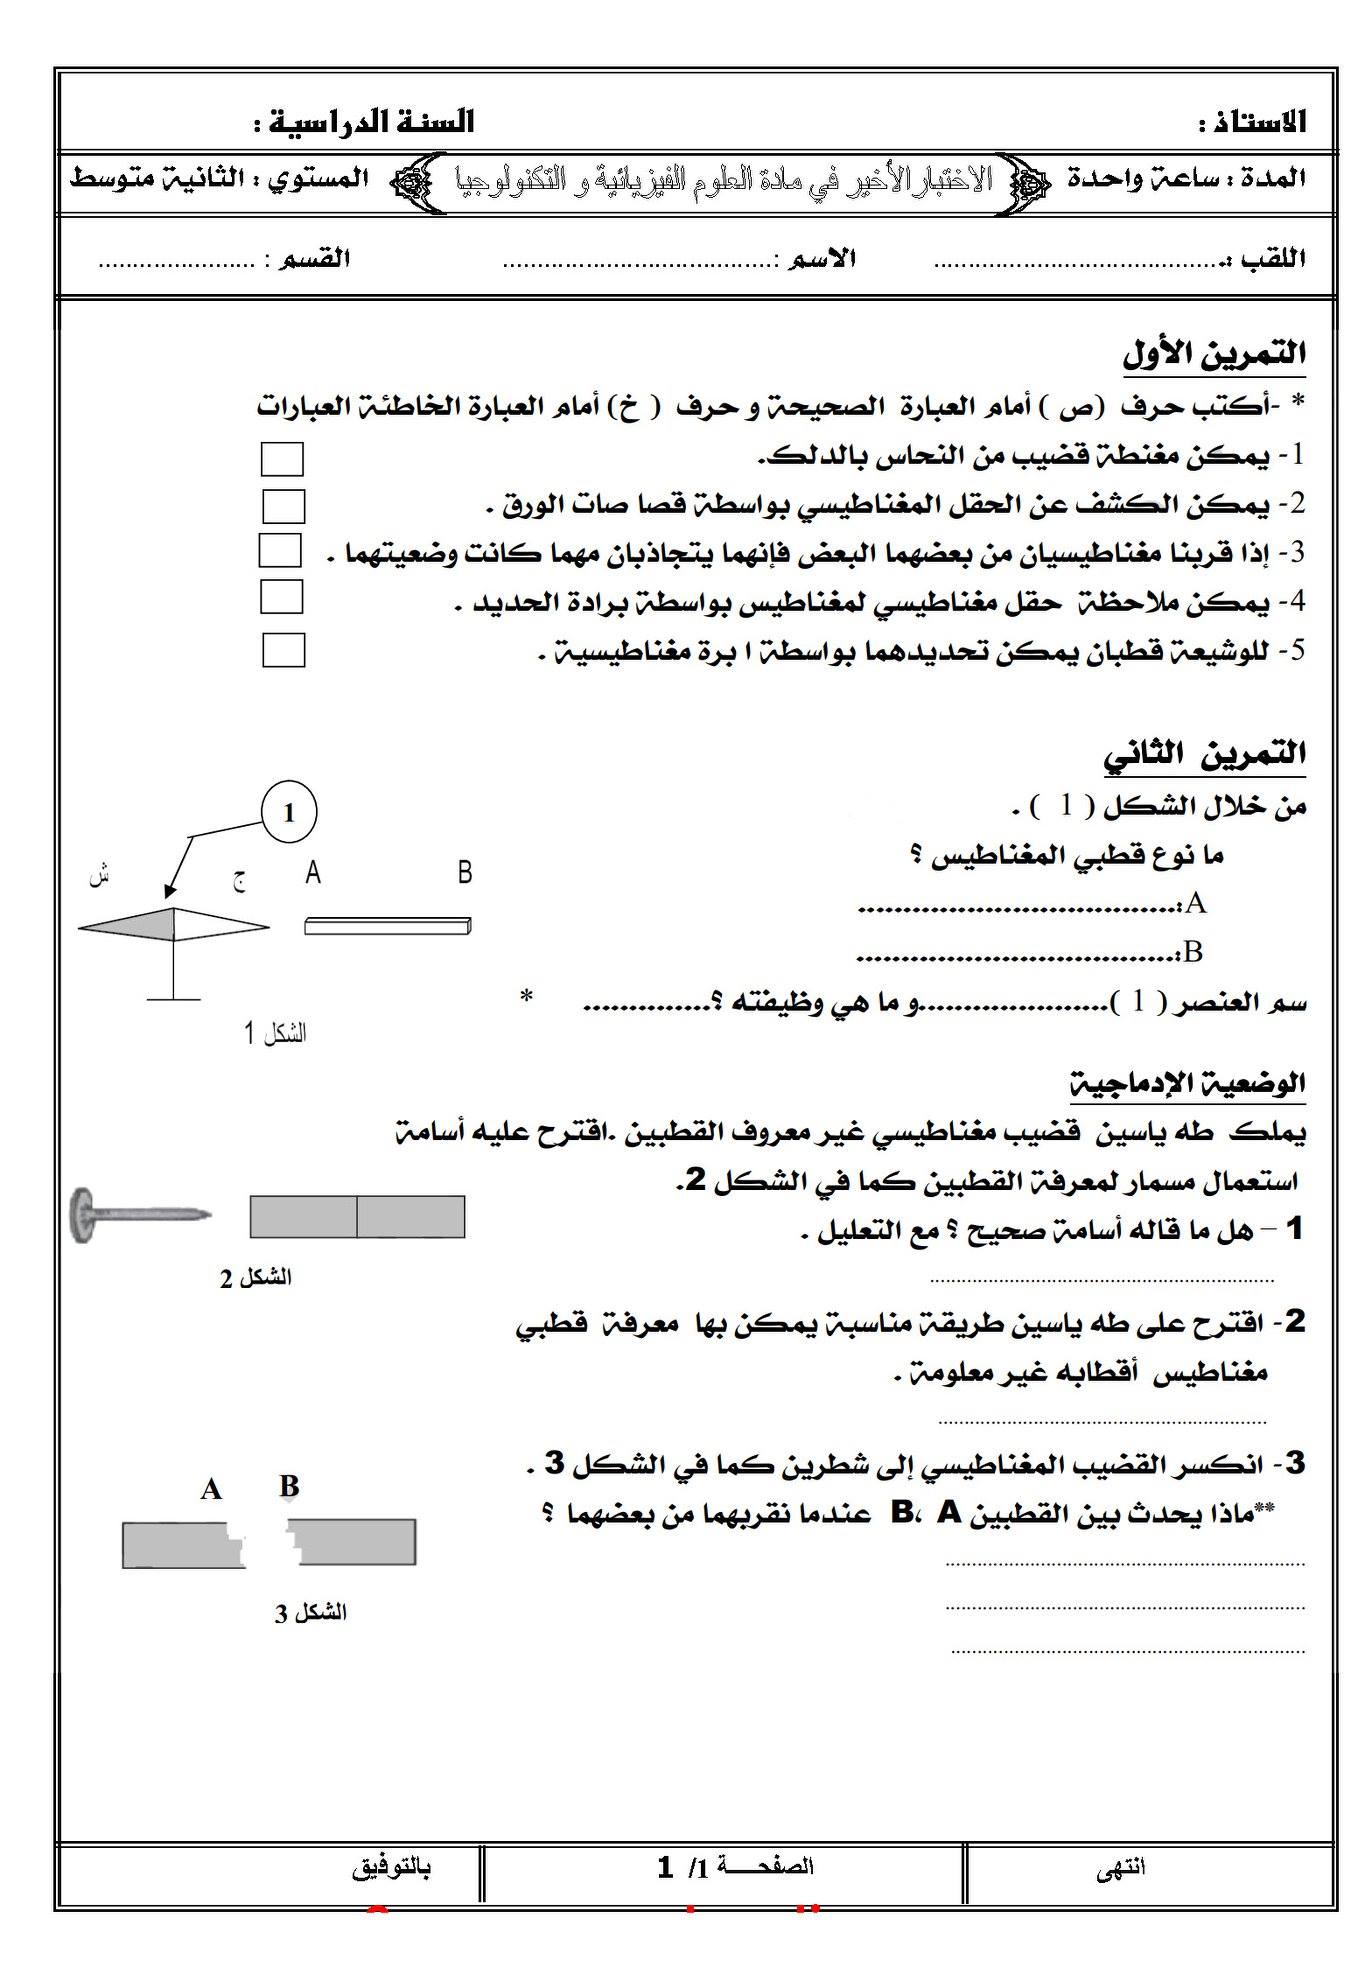 اختبار الفصل الثالث في العلوم الفيزيائية السنة الثانية متوسط - الموضوع 08